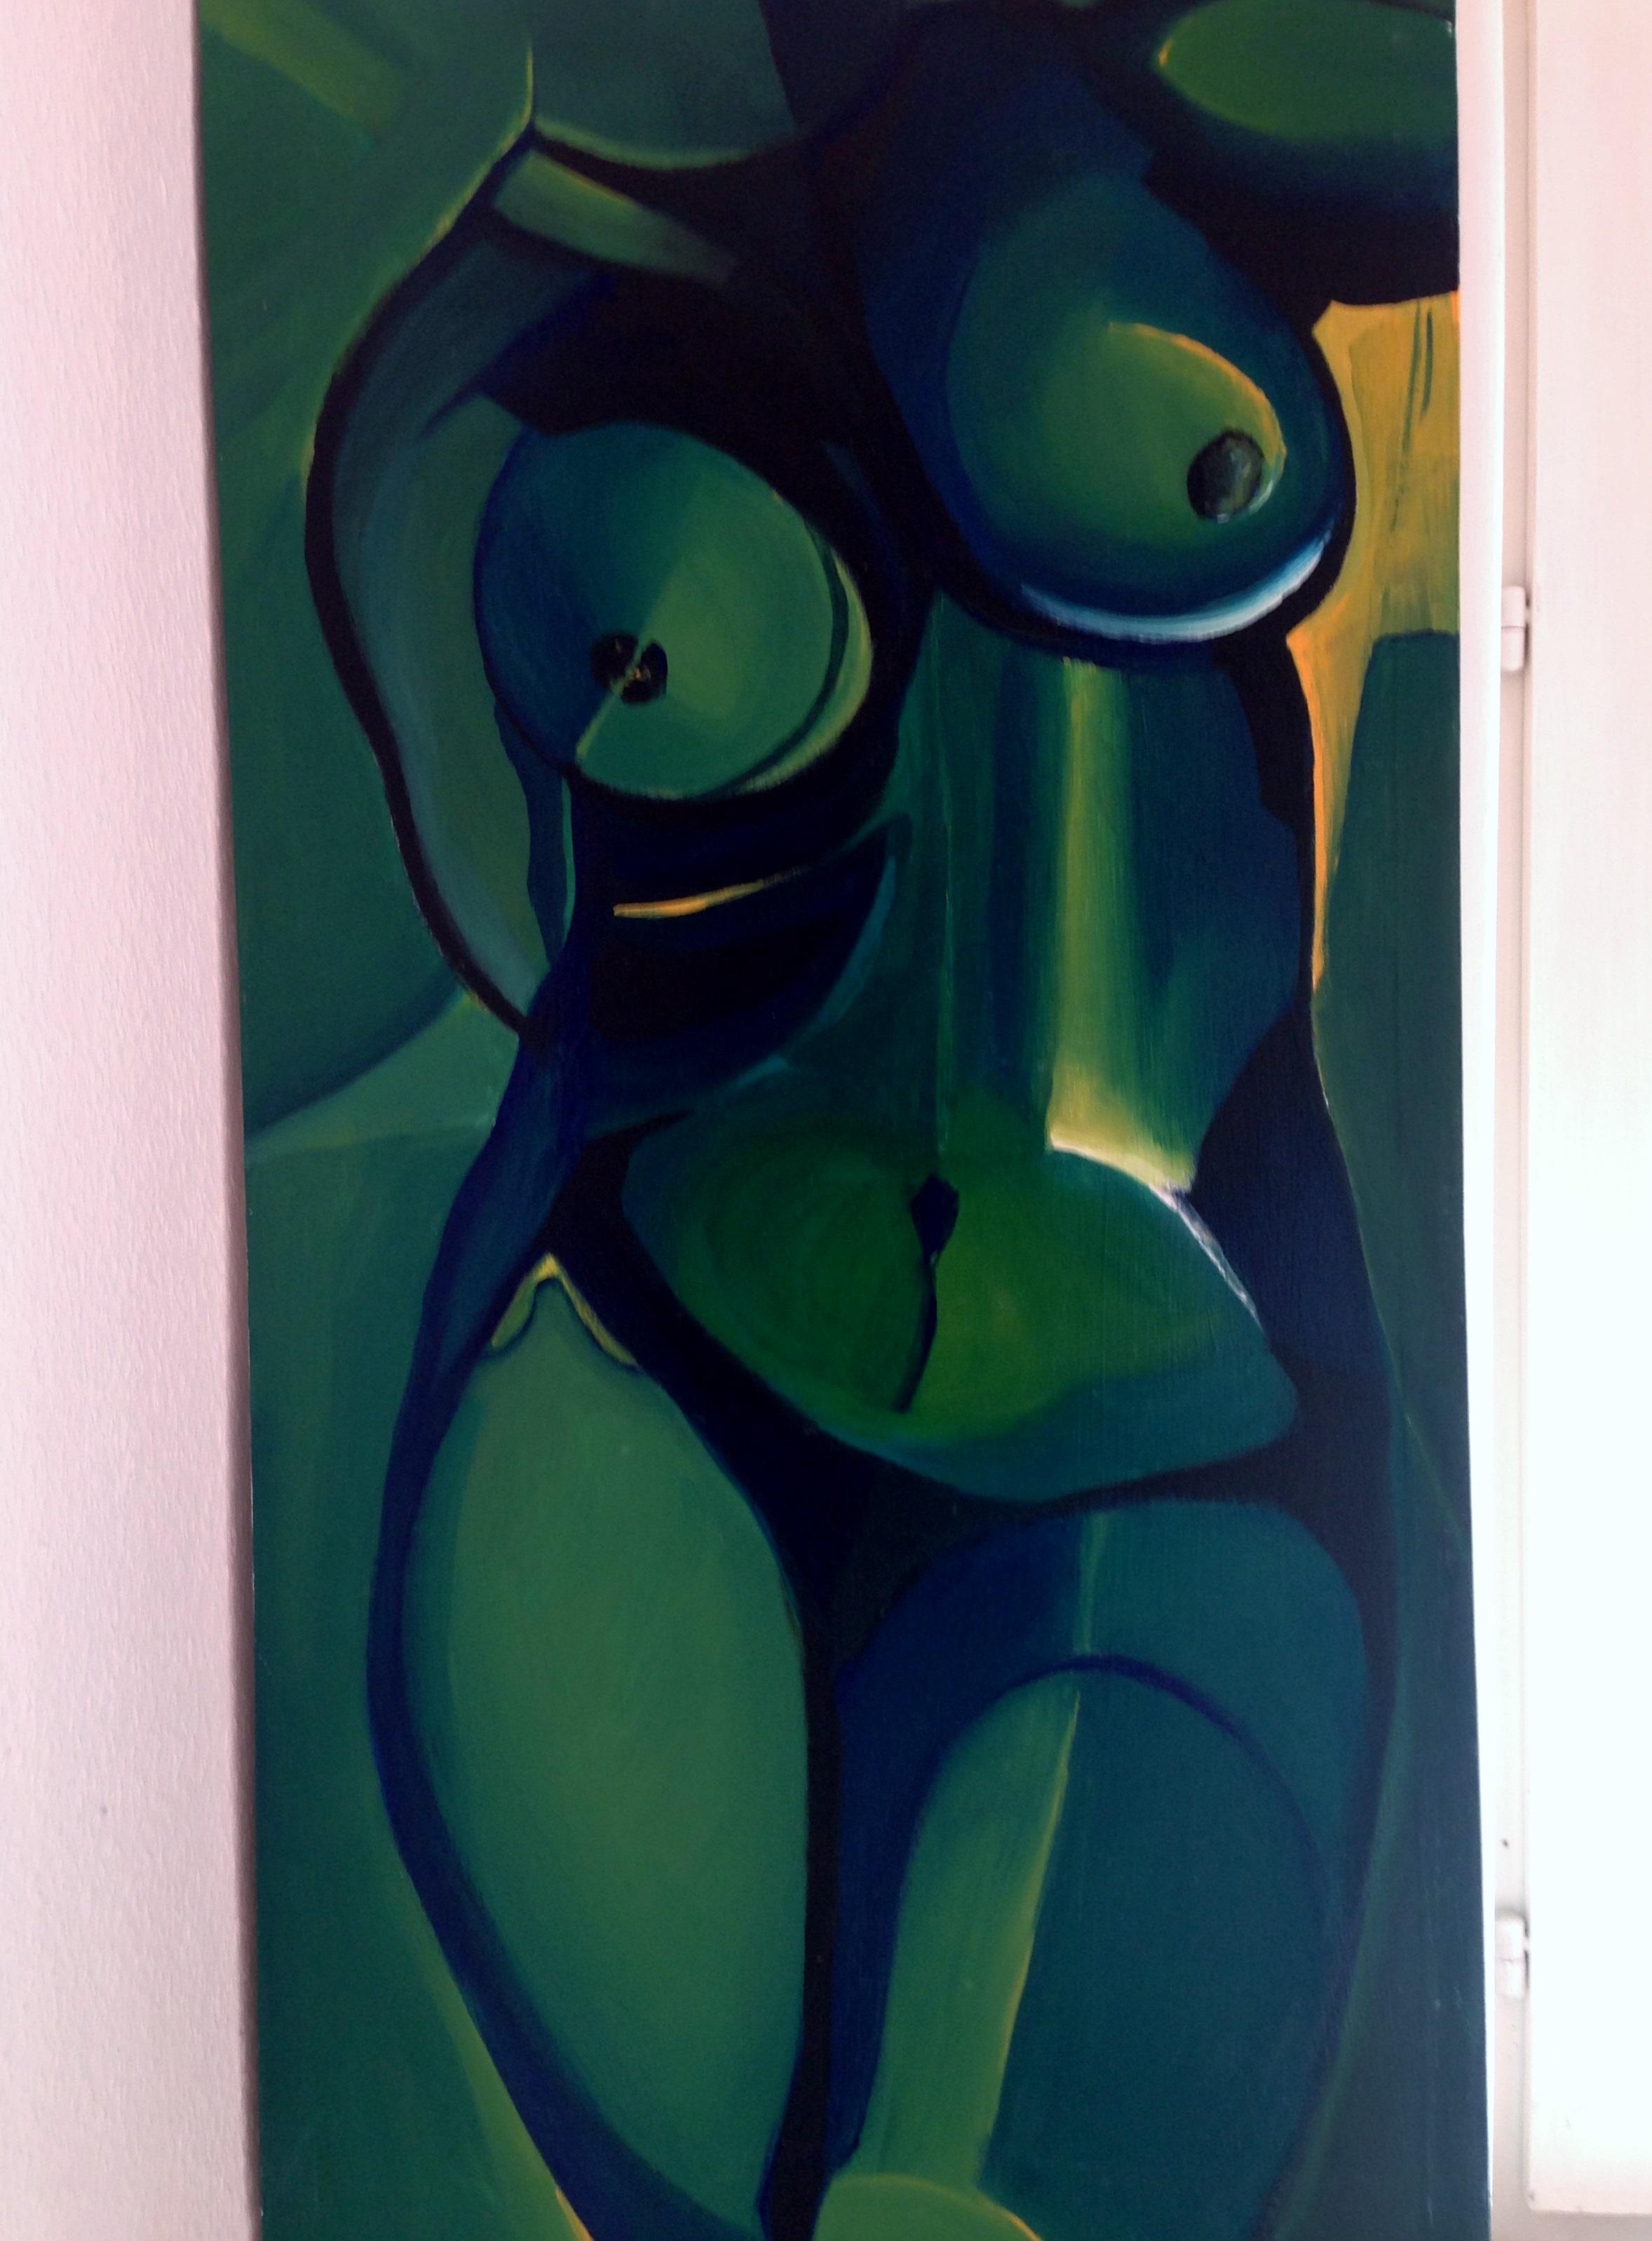 Femme_crapeau_105x50_1994